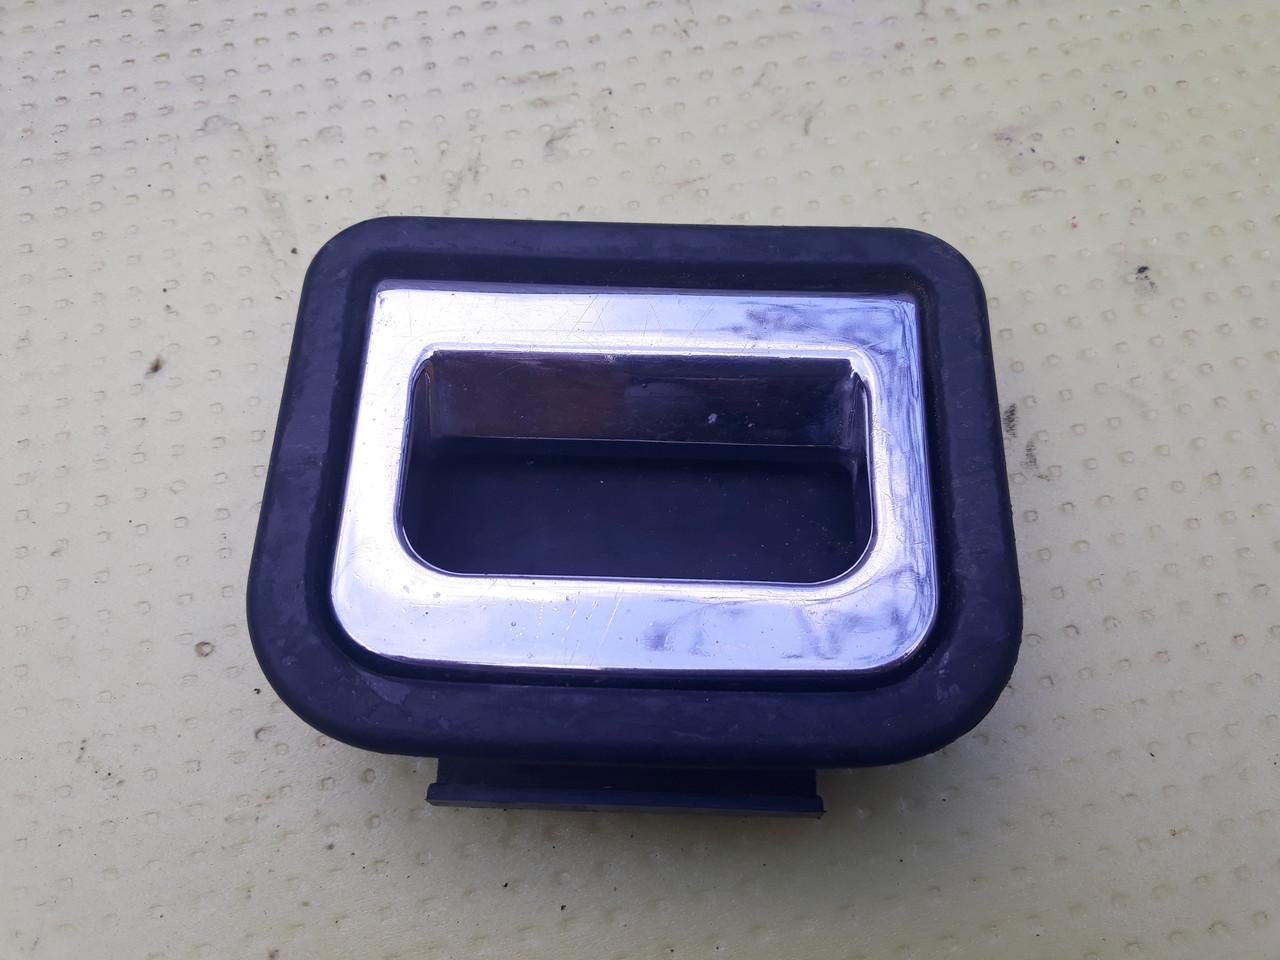 Ручка пола багажника ауди а6 с5 audi a6 c5 4B9887183